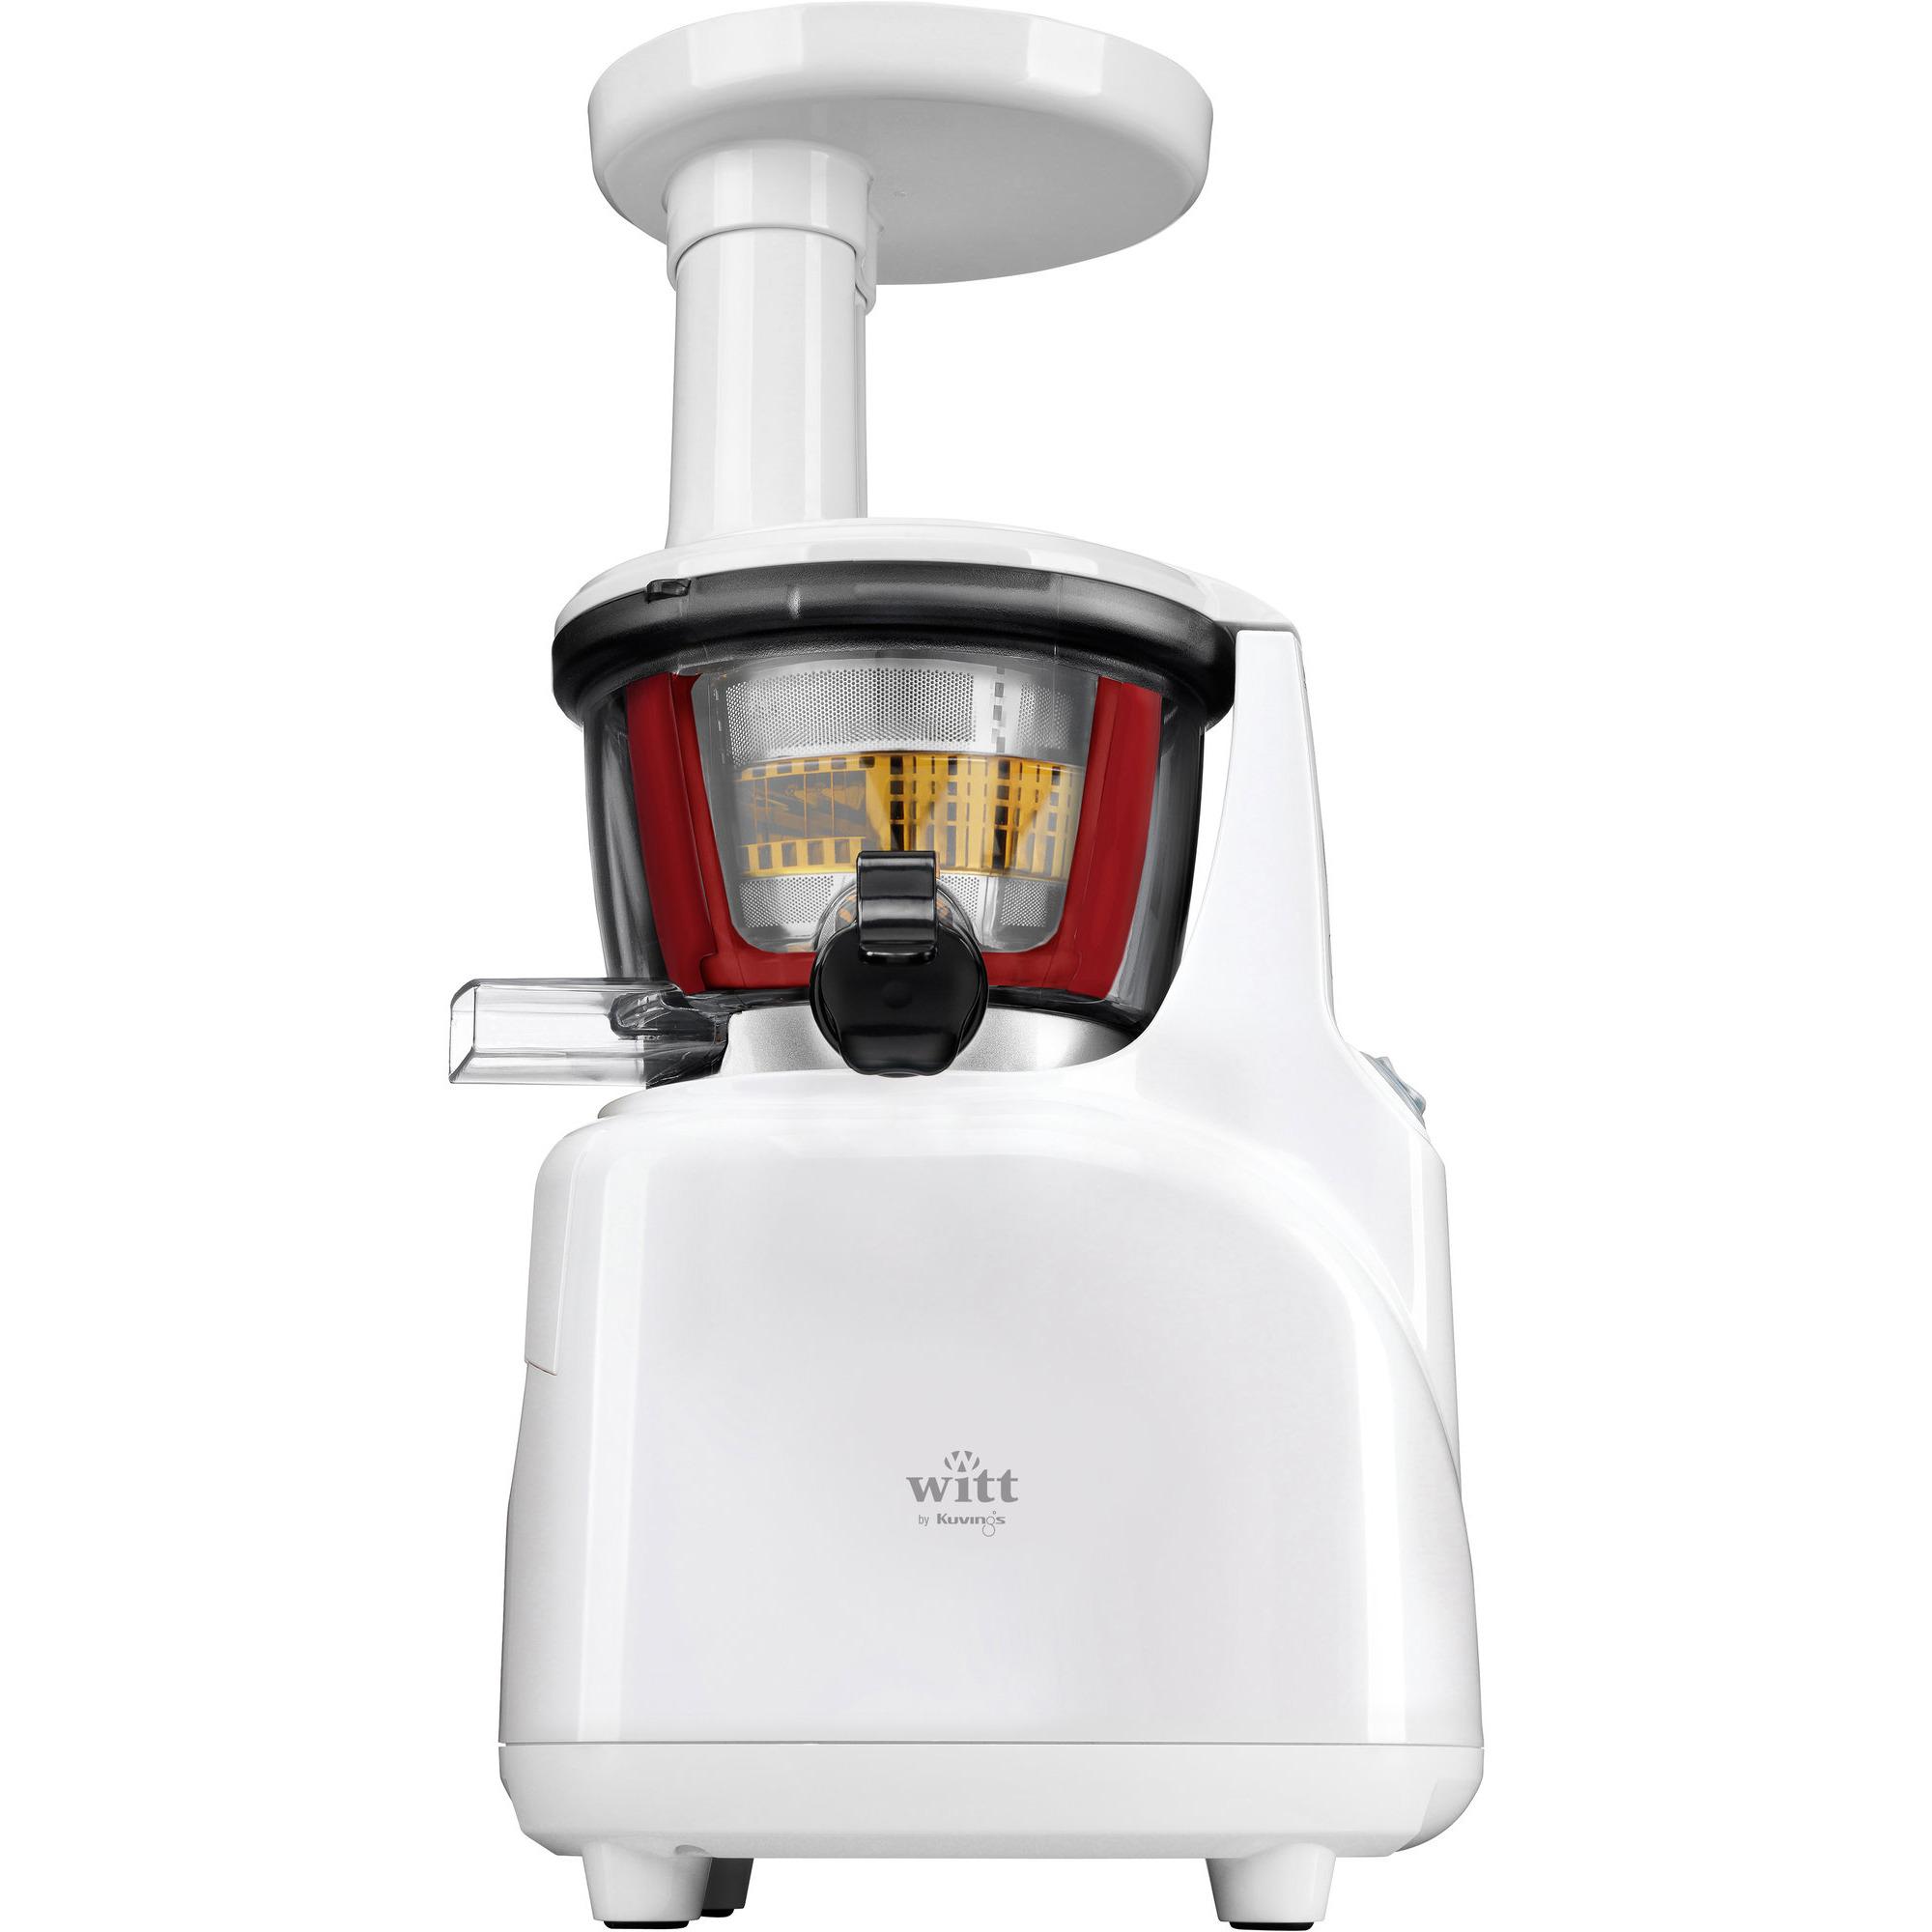 Slow Juicer Witt Pris : Kjop B5100W Silent Slow Juicer hvit fra Witt by Kuvings